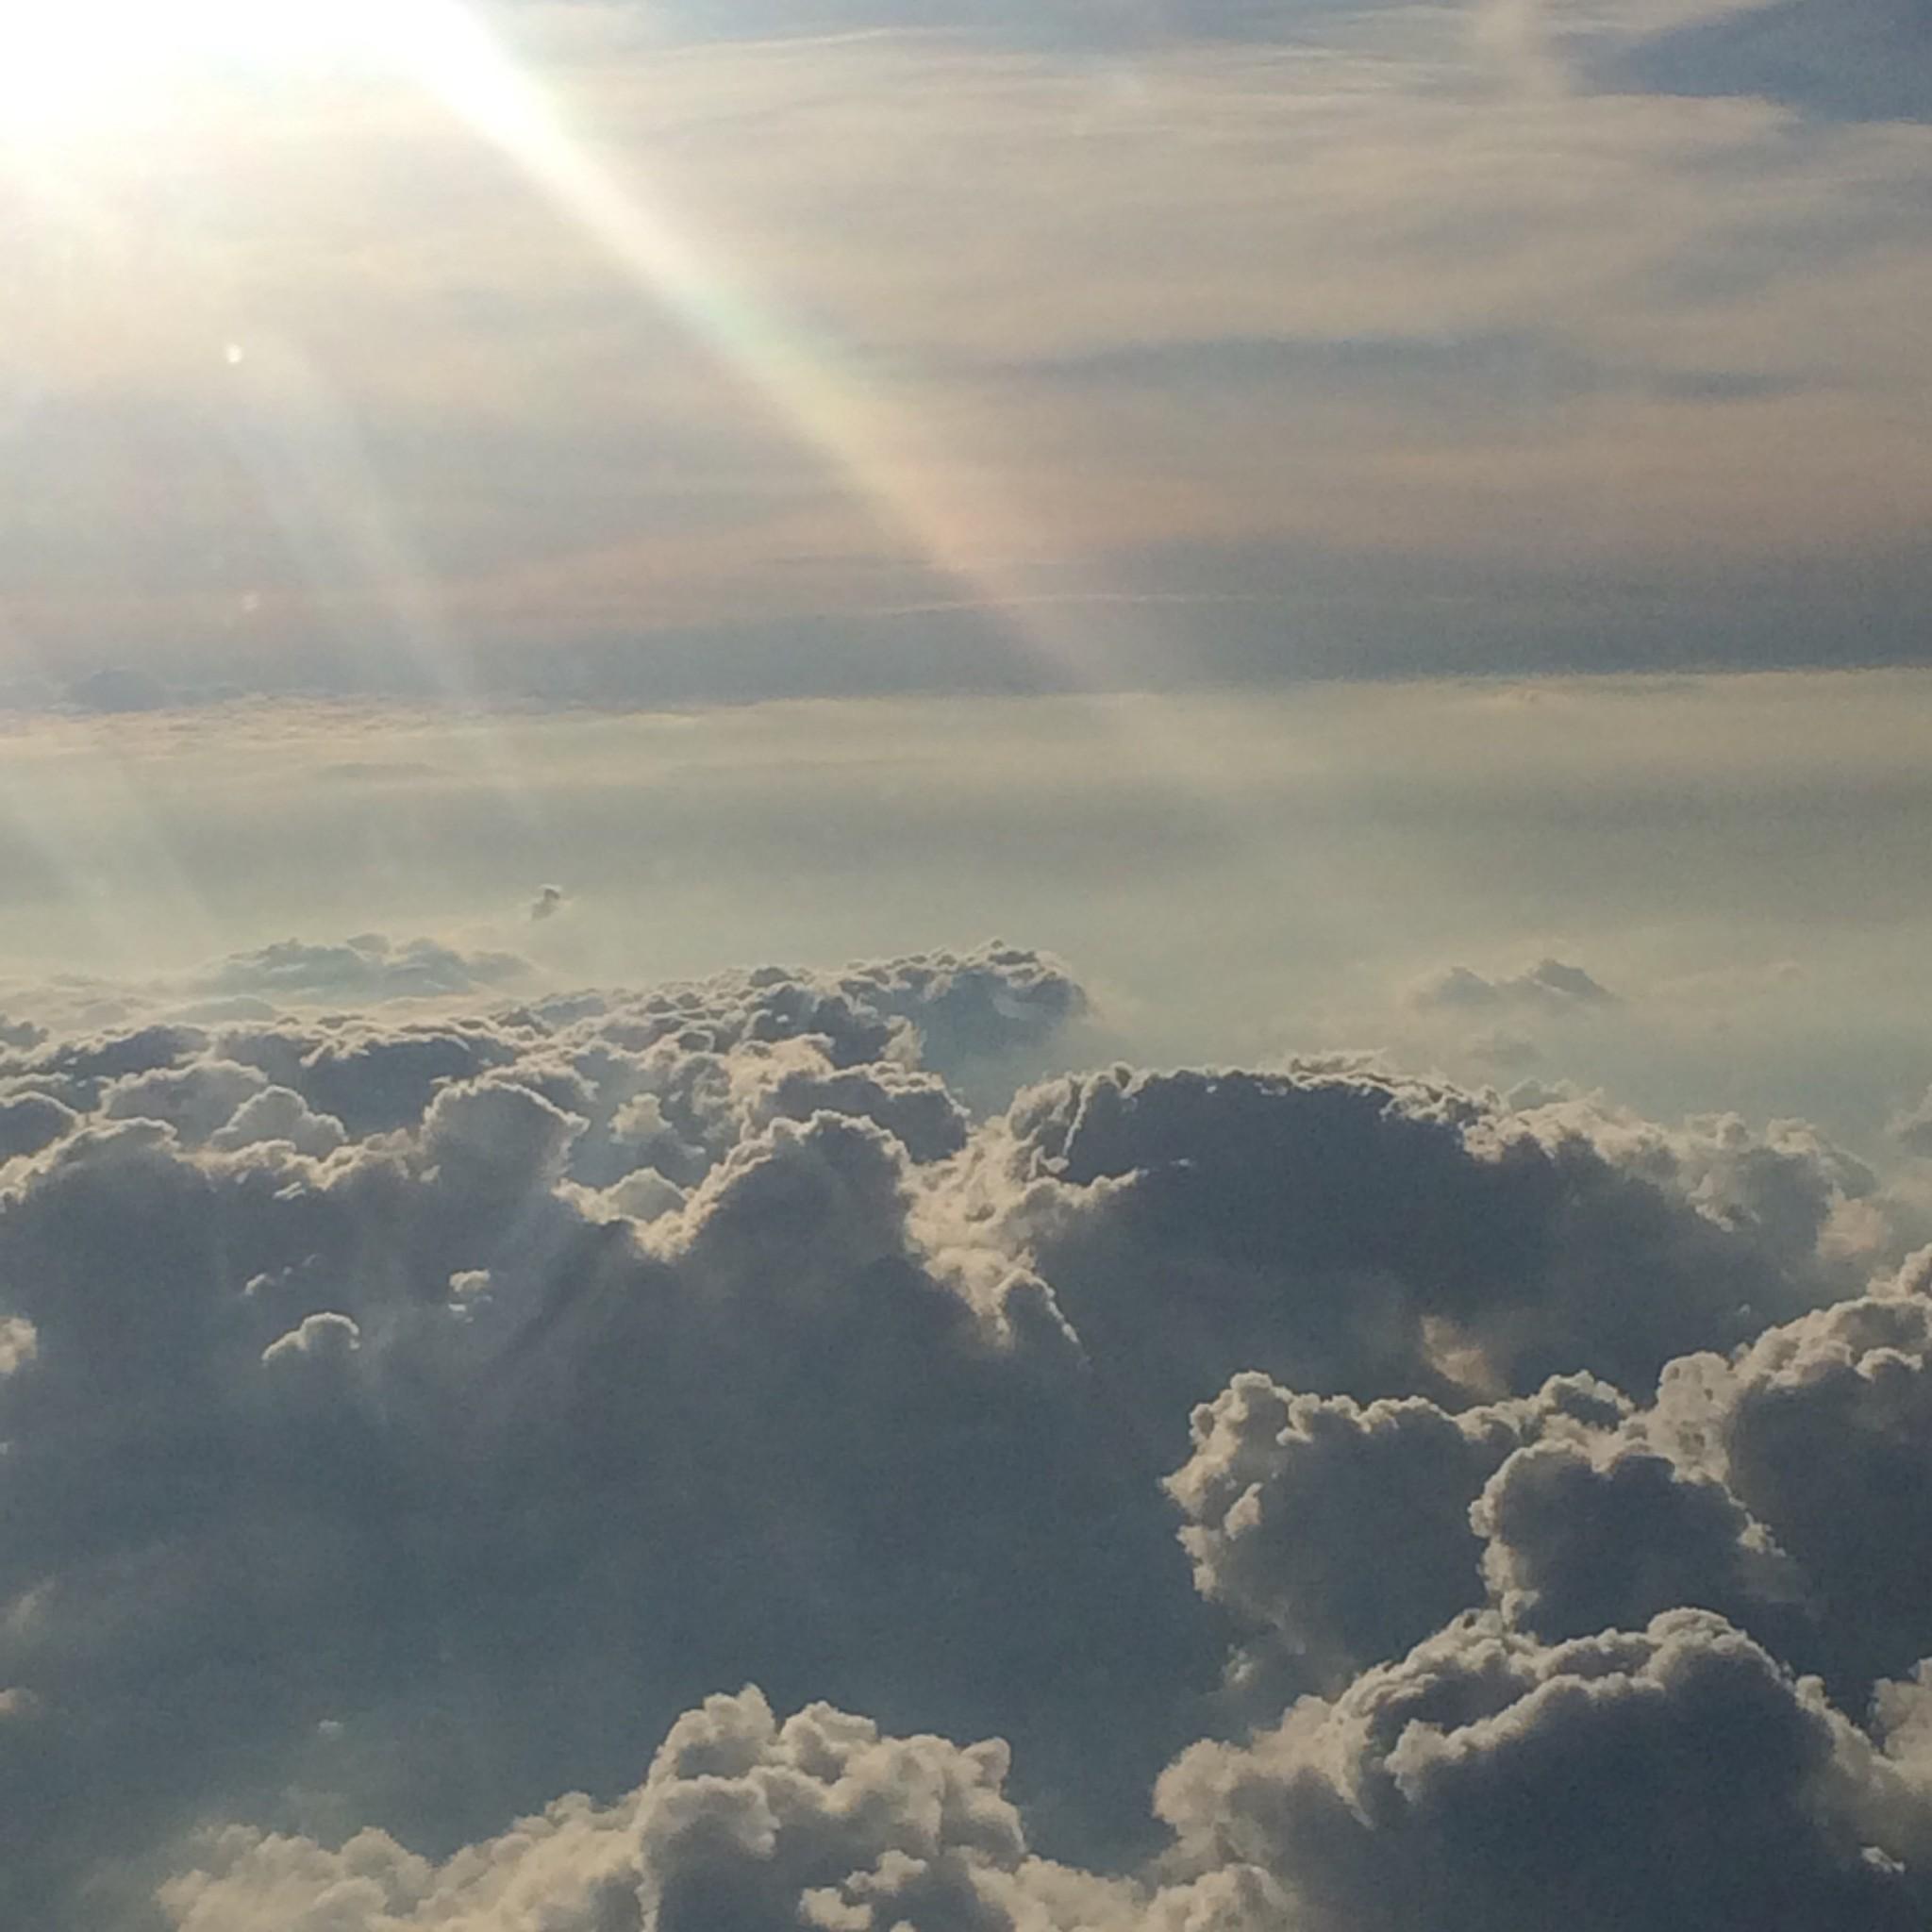 天国のような飛行機の窓からの眺め☆